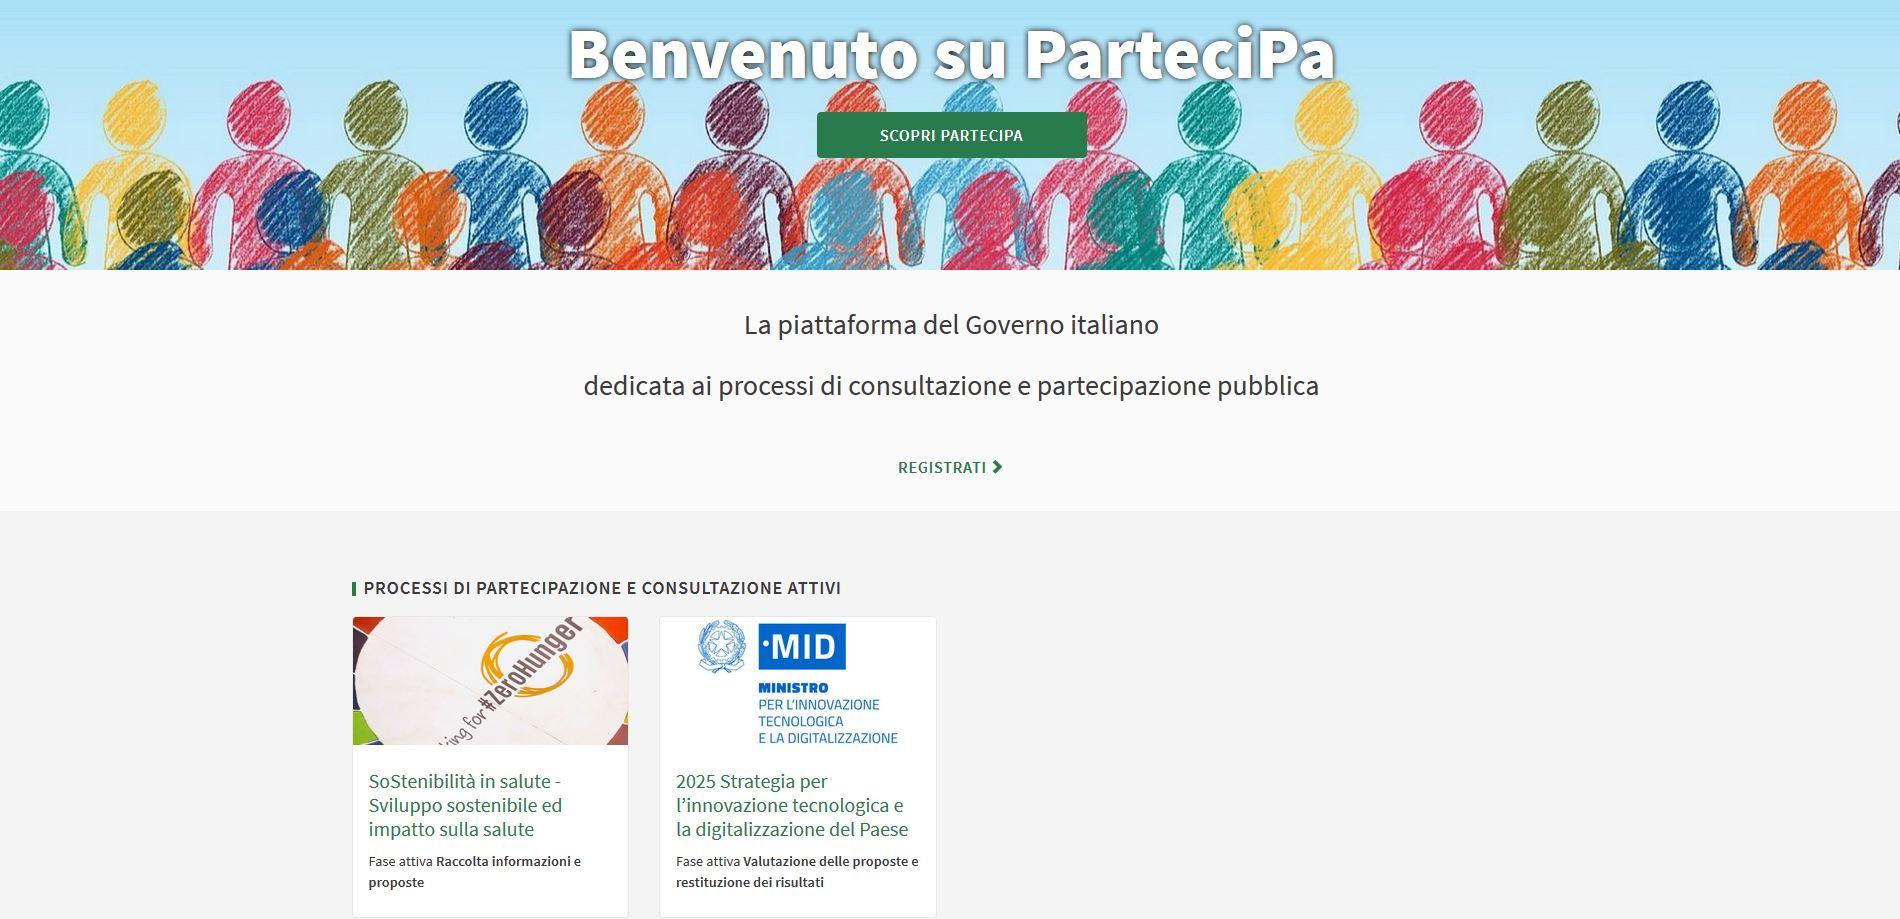 Una consultazione online per raccogliere informazioni sulle pratiche di sviluppo sostenibile nelle Pubbliche amministrazioni e nei luoghi di lavoro